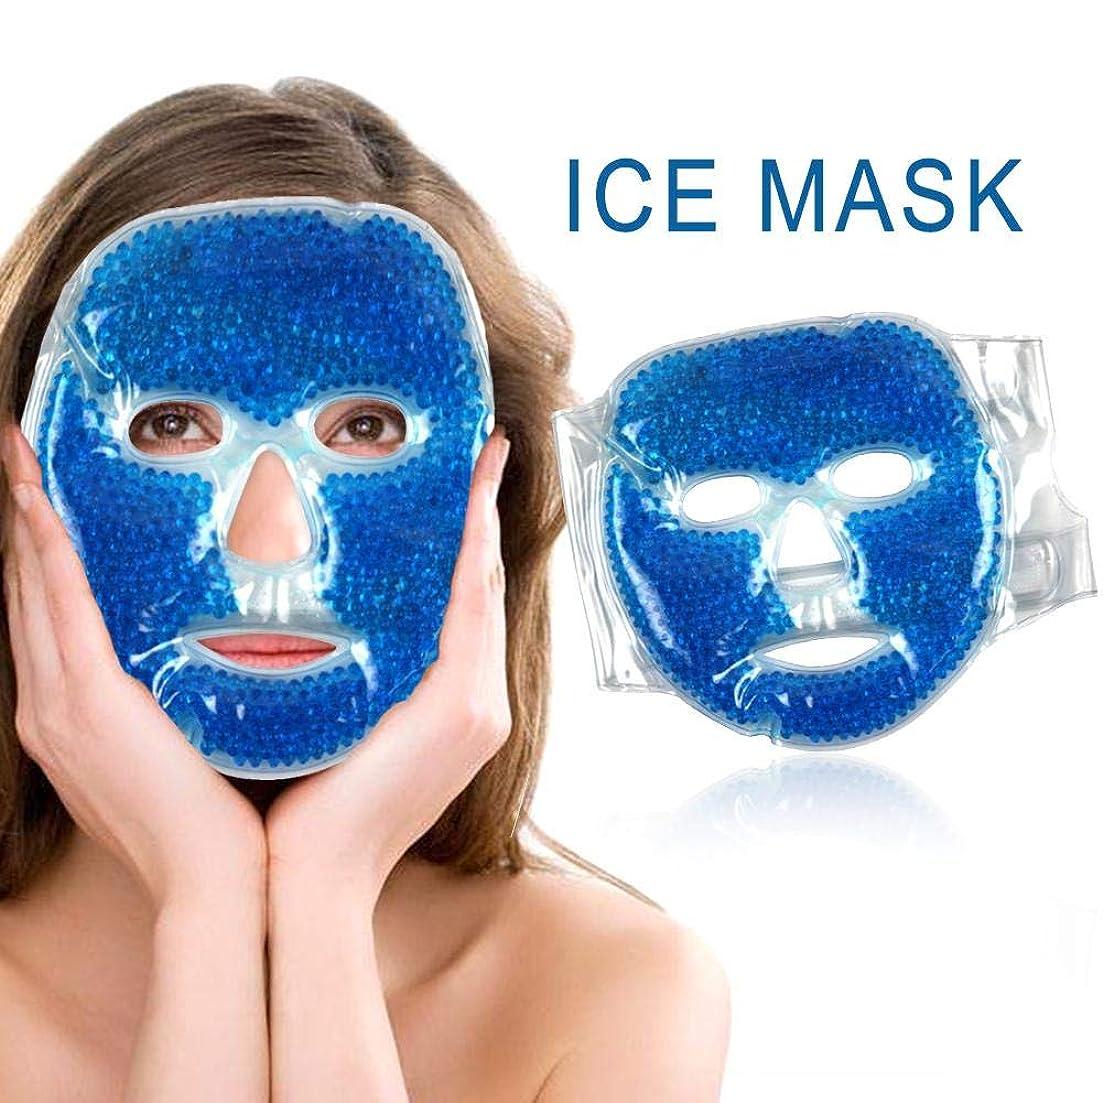 広告する曲がった文SILUN フェイスマスク 冷温兼用 アイスマスク 美容用 再利用可能 毛細血管収縮 疲労緩和 肌ケア 保湿 吸収しやすい 美容マッサージ